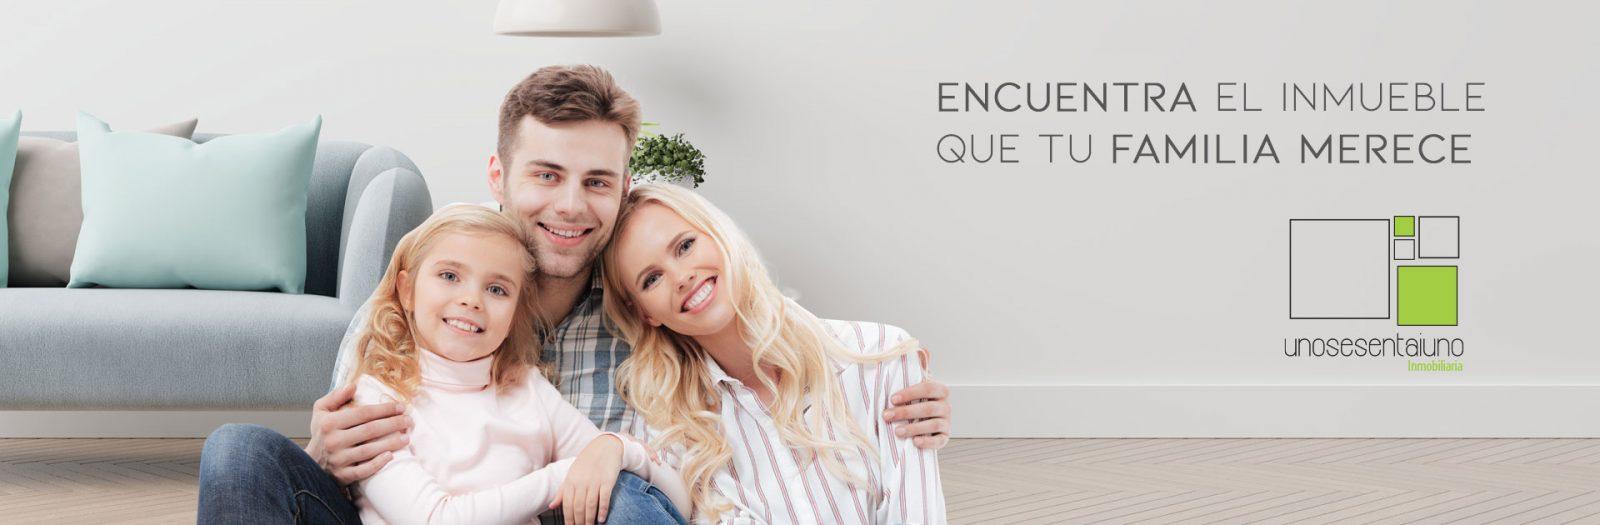 unosesentaiuno-inmobiliaria-familia